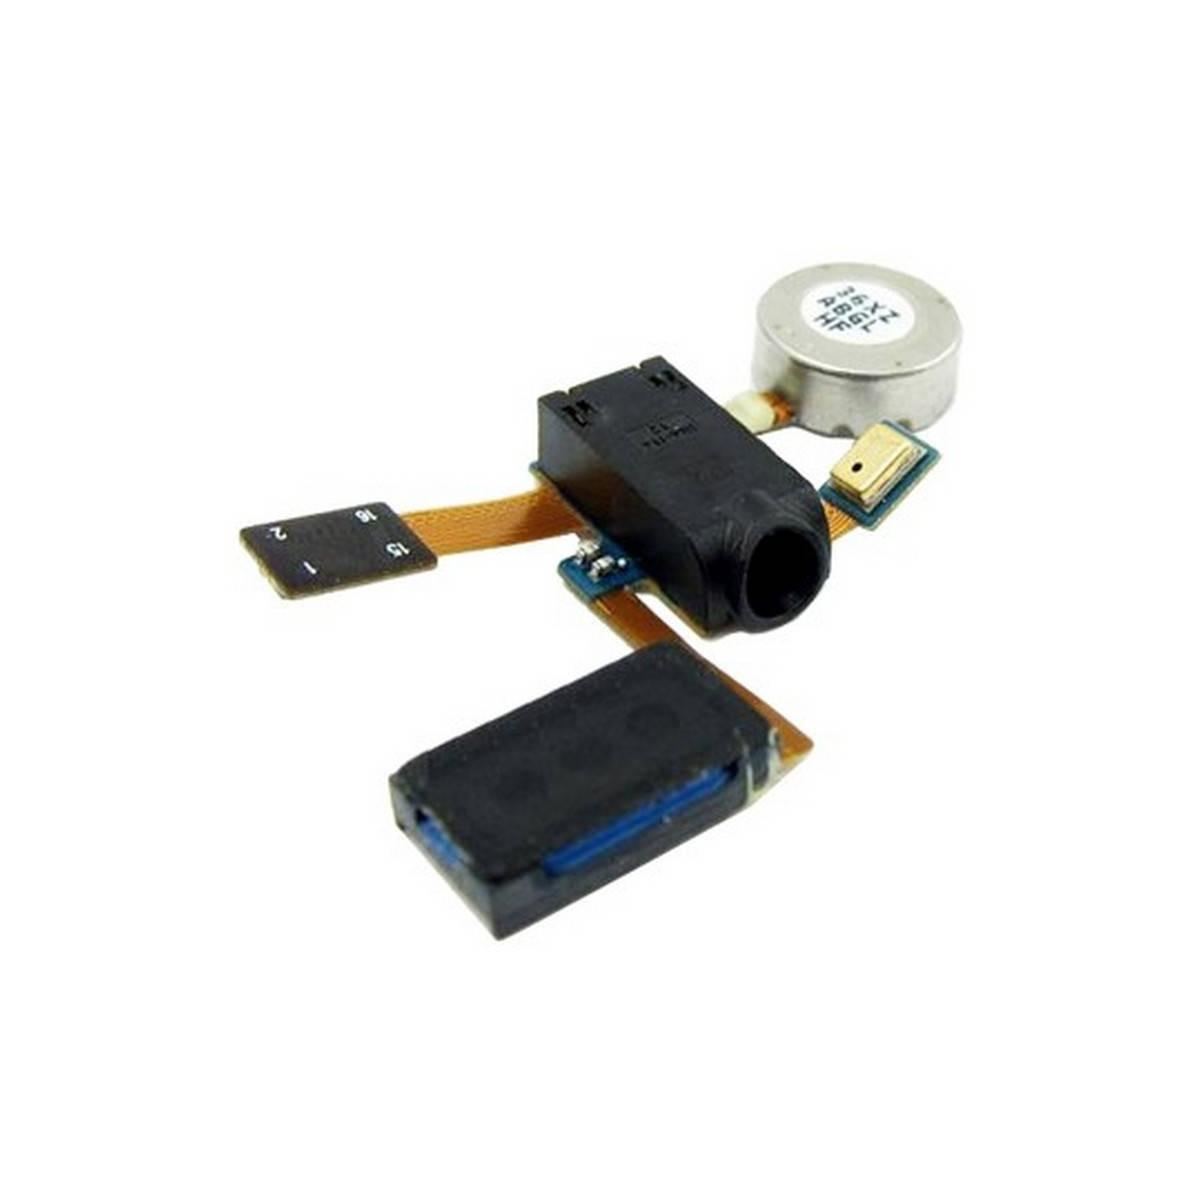 Cabo flex com vibrador, altavoz fone de ouvido, conetor de fone de ouvidoes e microfono para Samsung i9100 Galaxy SII/2